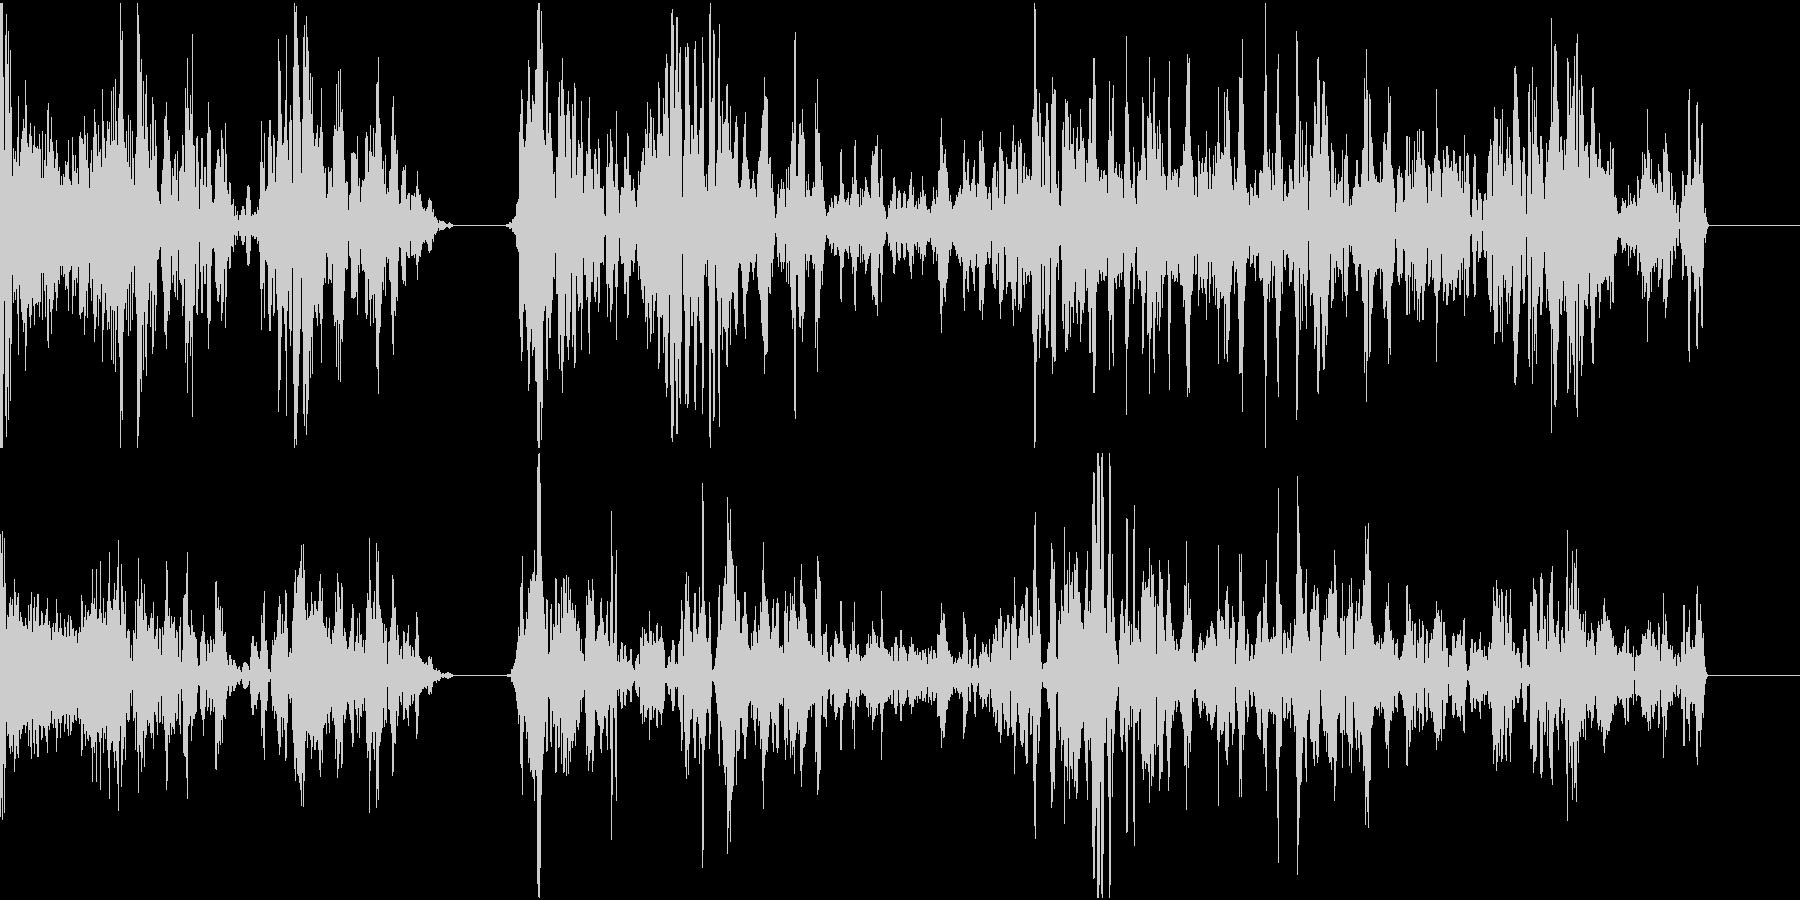 TVFX POPなザッピング音 3の未再生の波形